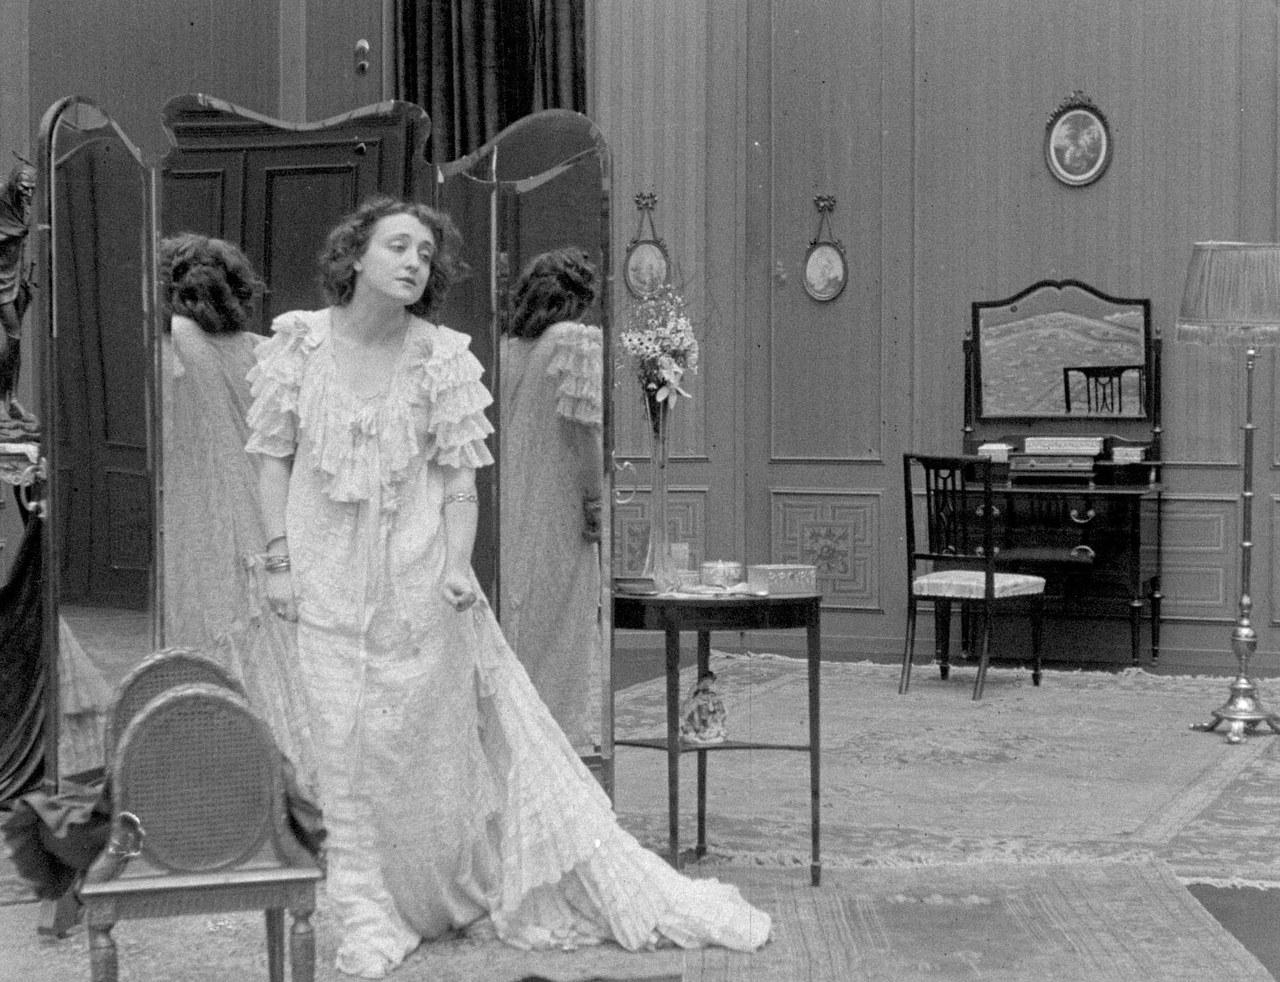 Fotogramma tratto da Ma l'amor mio non muore! di Mario Caserini, 1913